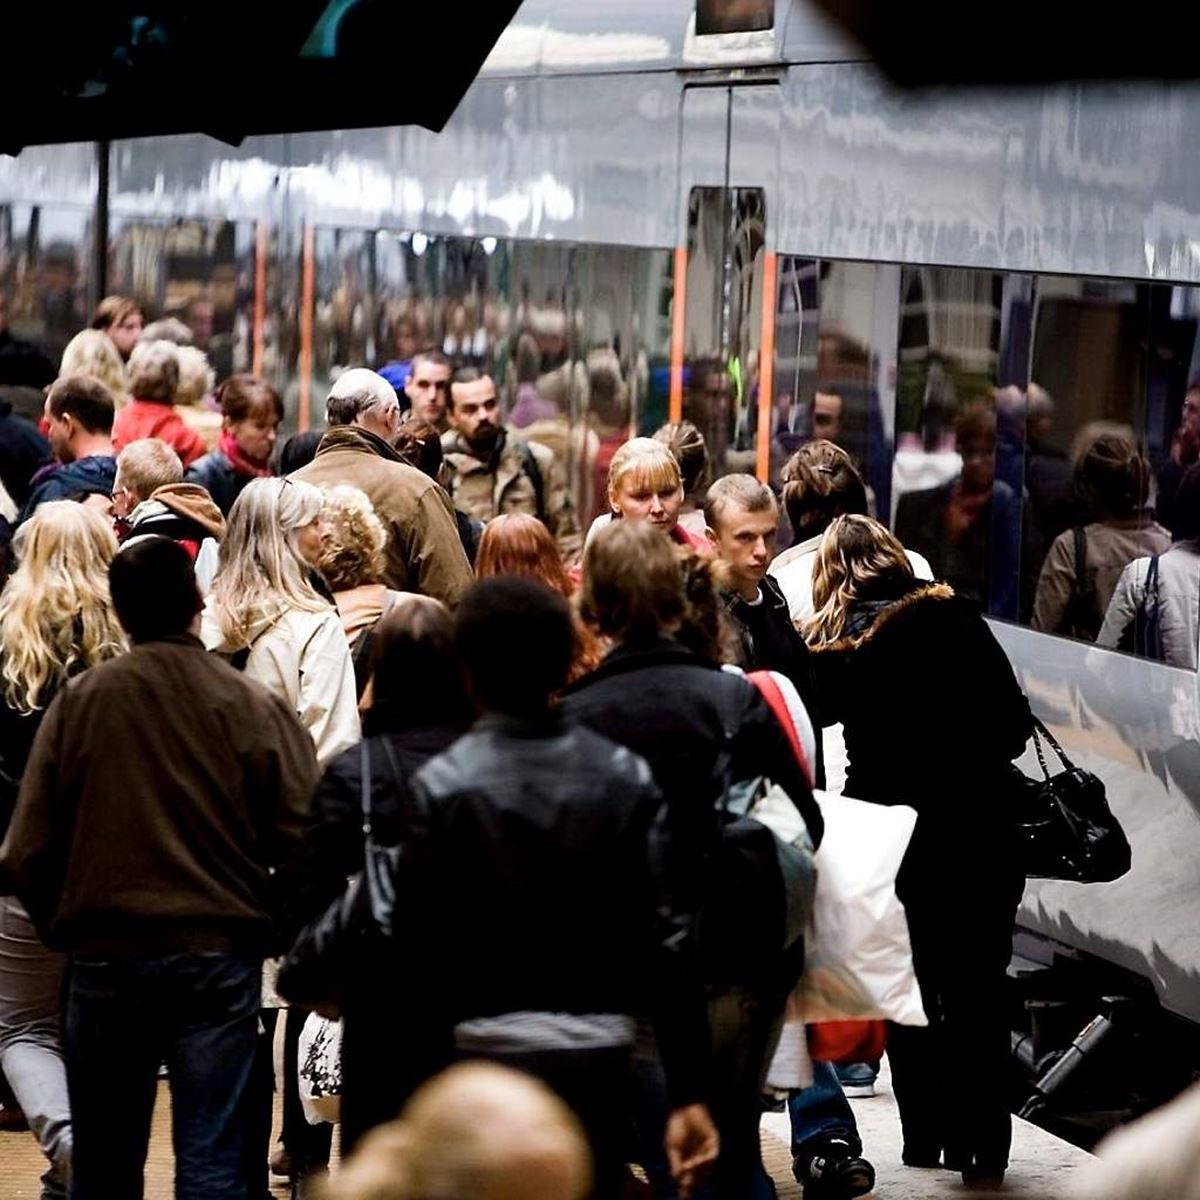 Regeringen vill tvinga Stockholmskommunerna att mångdubbla mottagandet av nyanlända med uppehållstillstånd – M-politiker motsätter sig detta.